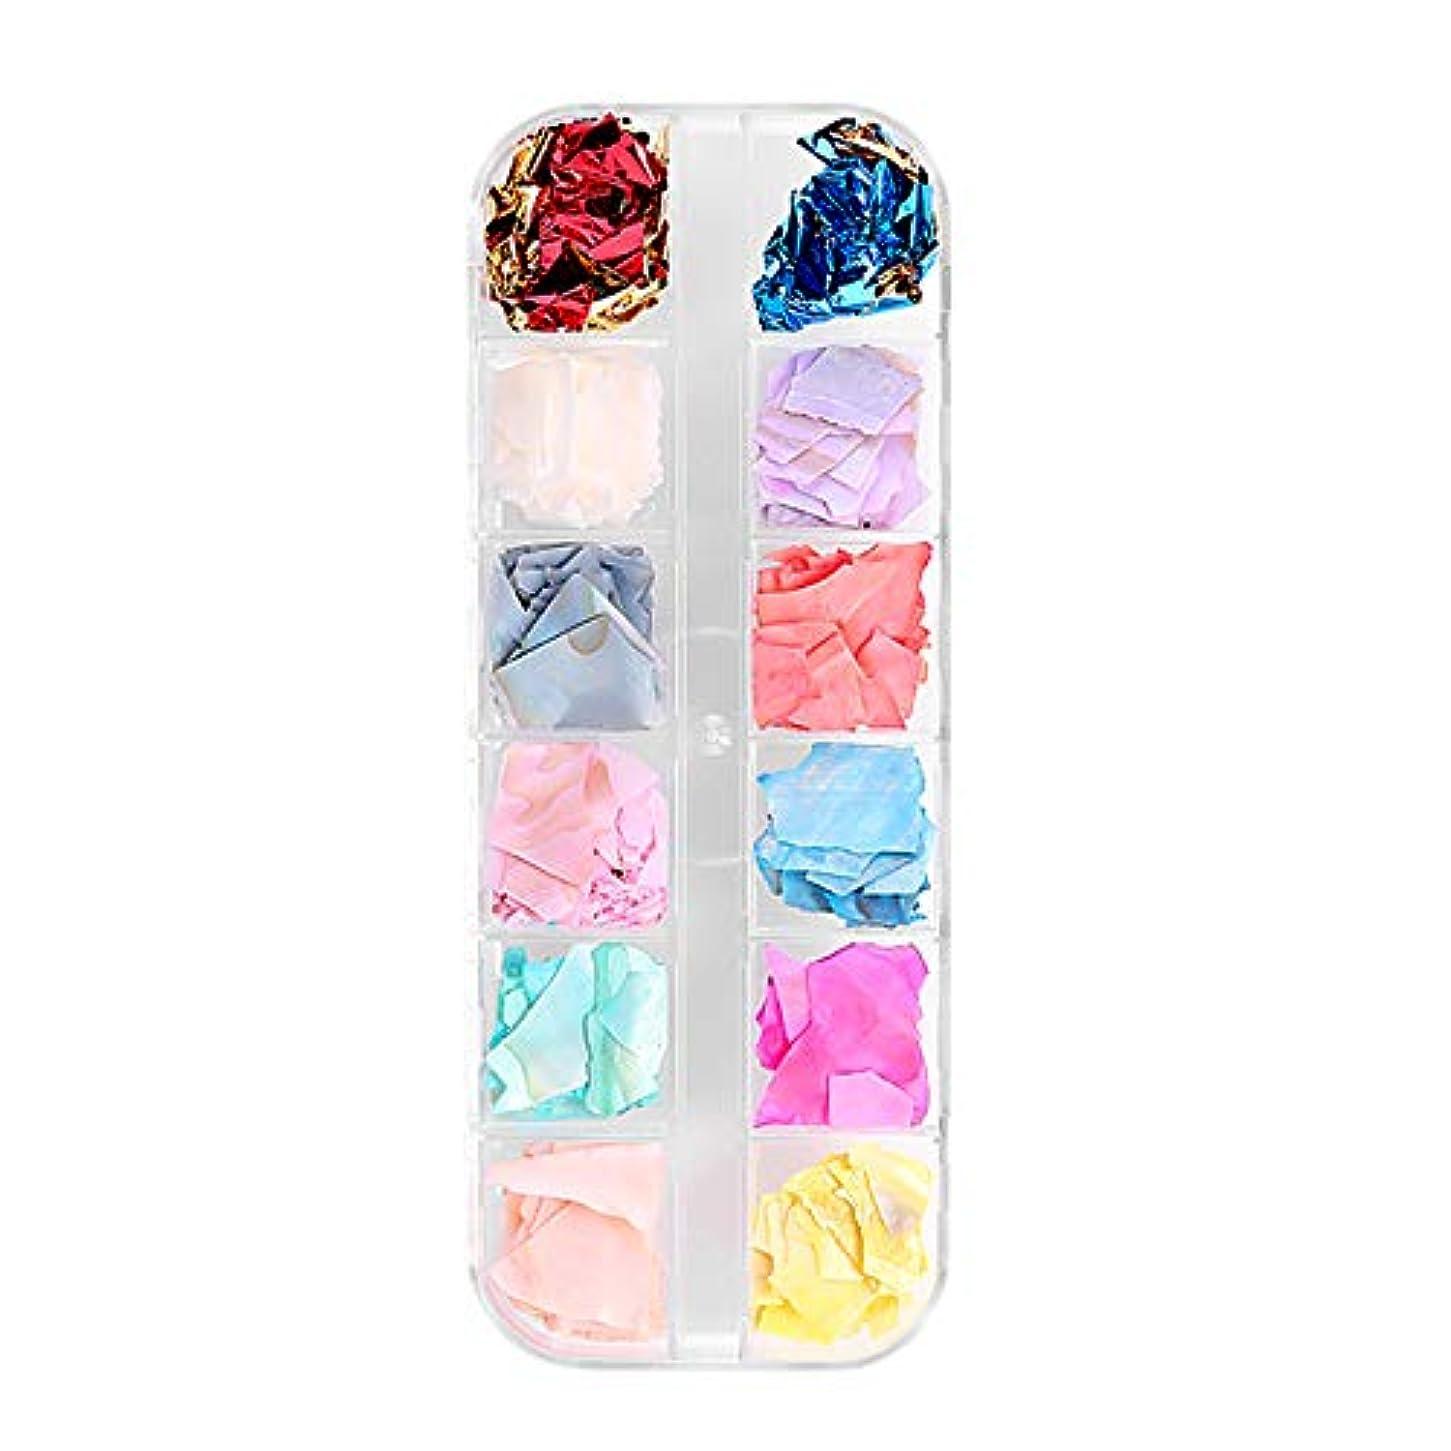 山責バイオレットTOOGOO 12色/ボックスシェル砕石砂利フレークナチュラル壊れた3D美容マニキュアDIYのネイルアートデコレーション女性のファッション01